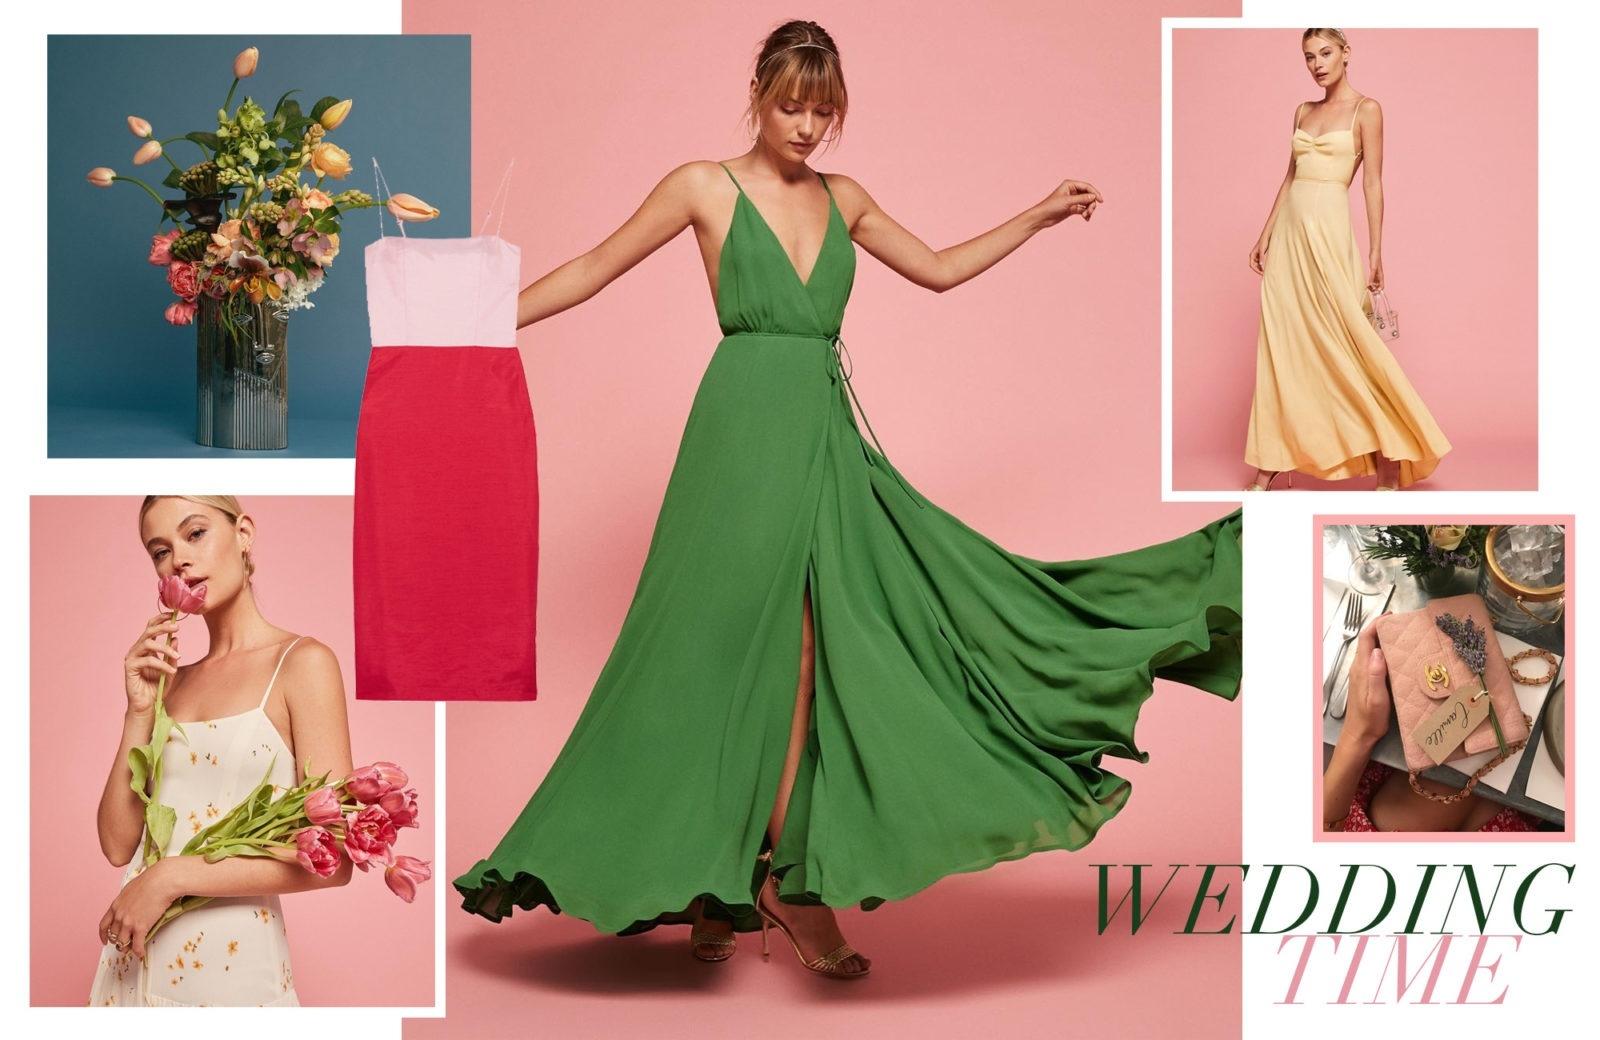 Abend Einfach Schöne Kleider Für Hochzeitsgäste Galerie Genial Schöne Kleider Für Hochzeitsgäste Spezialgebiet